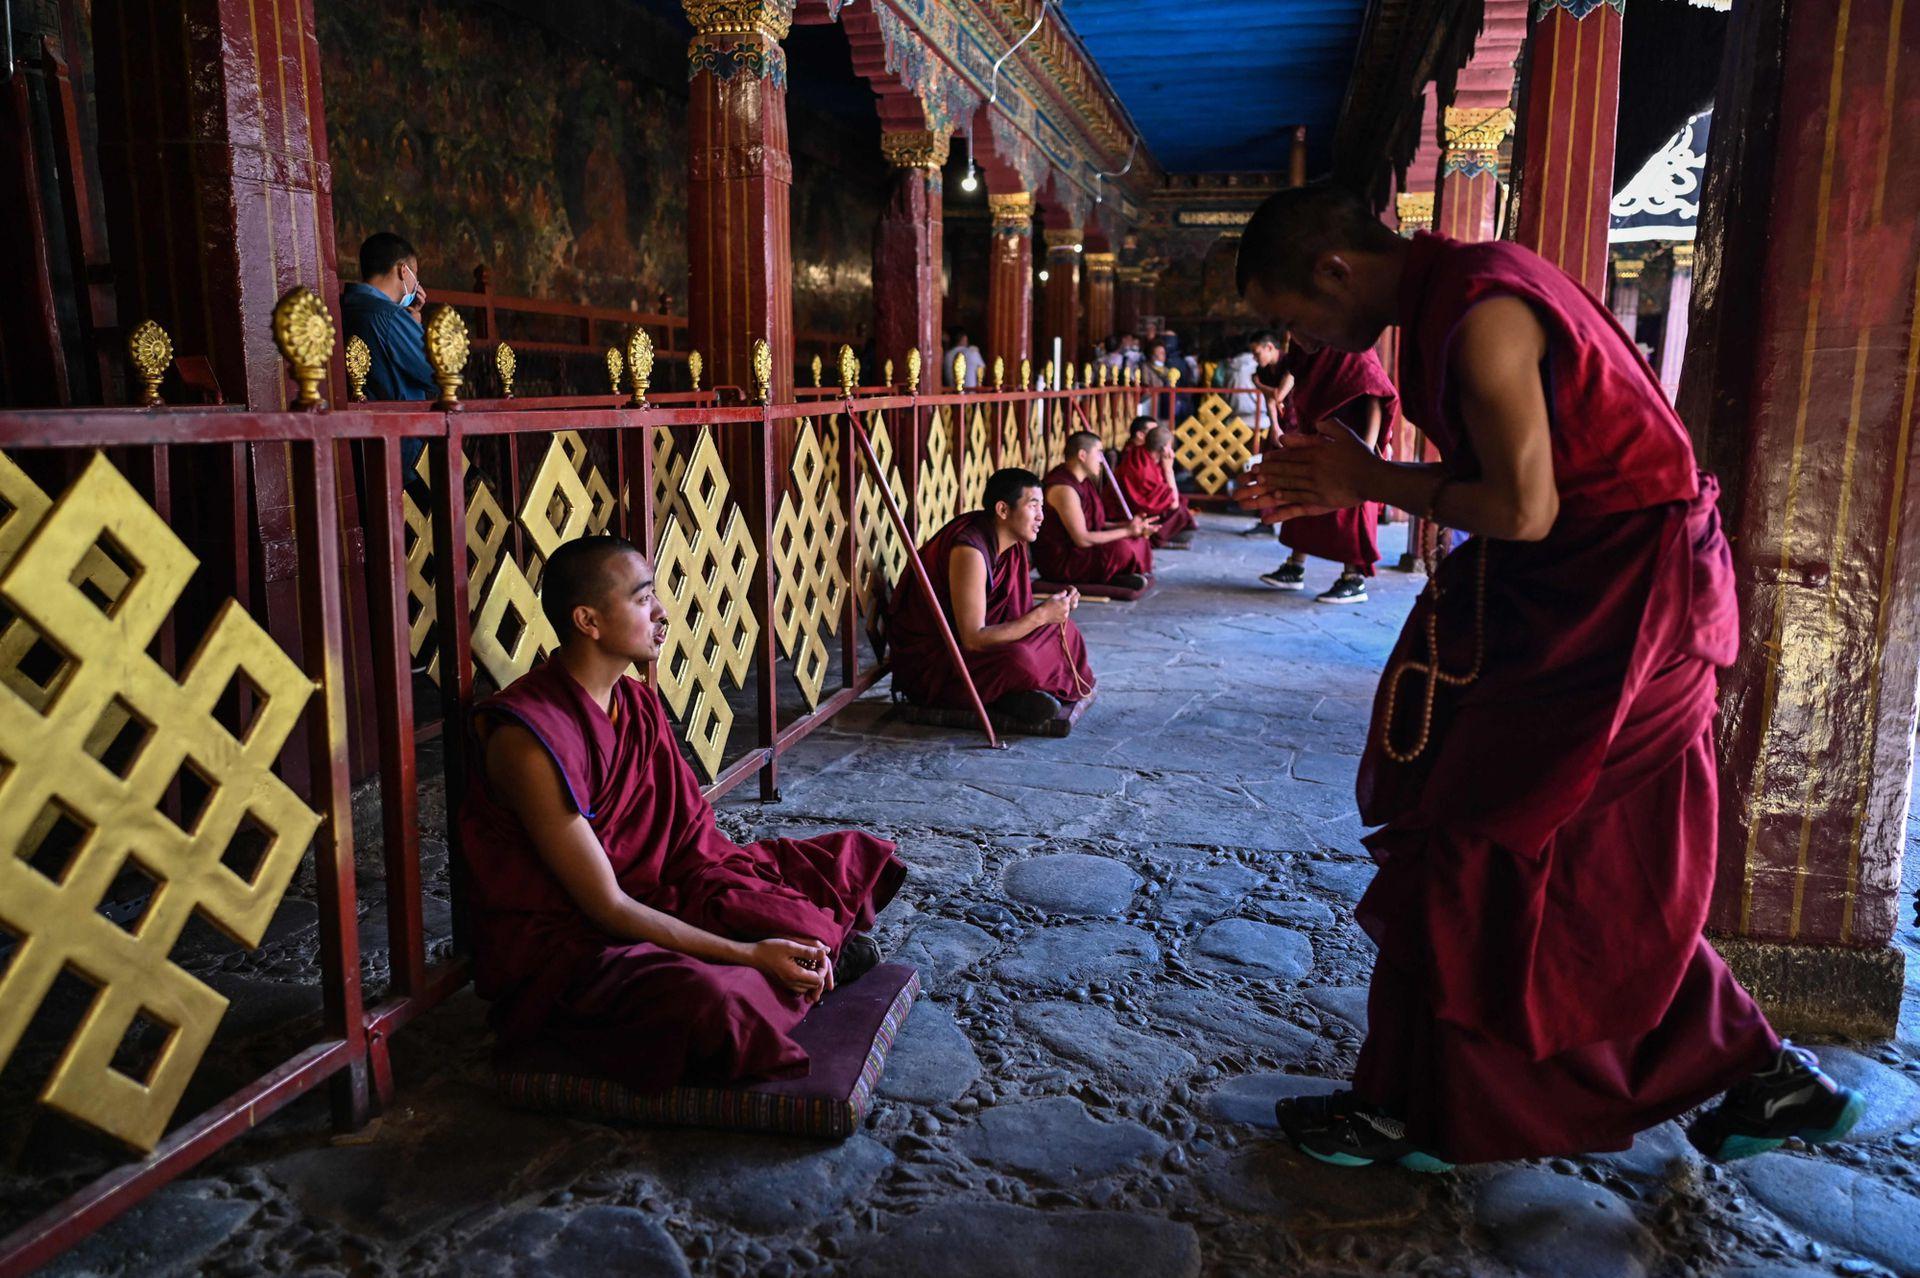 El Colegio Budista Tibetano, uno de los lugares más altos de aprendizaje en la Tierra, tiene más de 900 estudiantes que estudian mandarín, inglés y estudios políticos